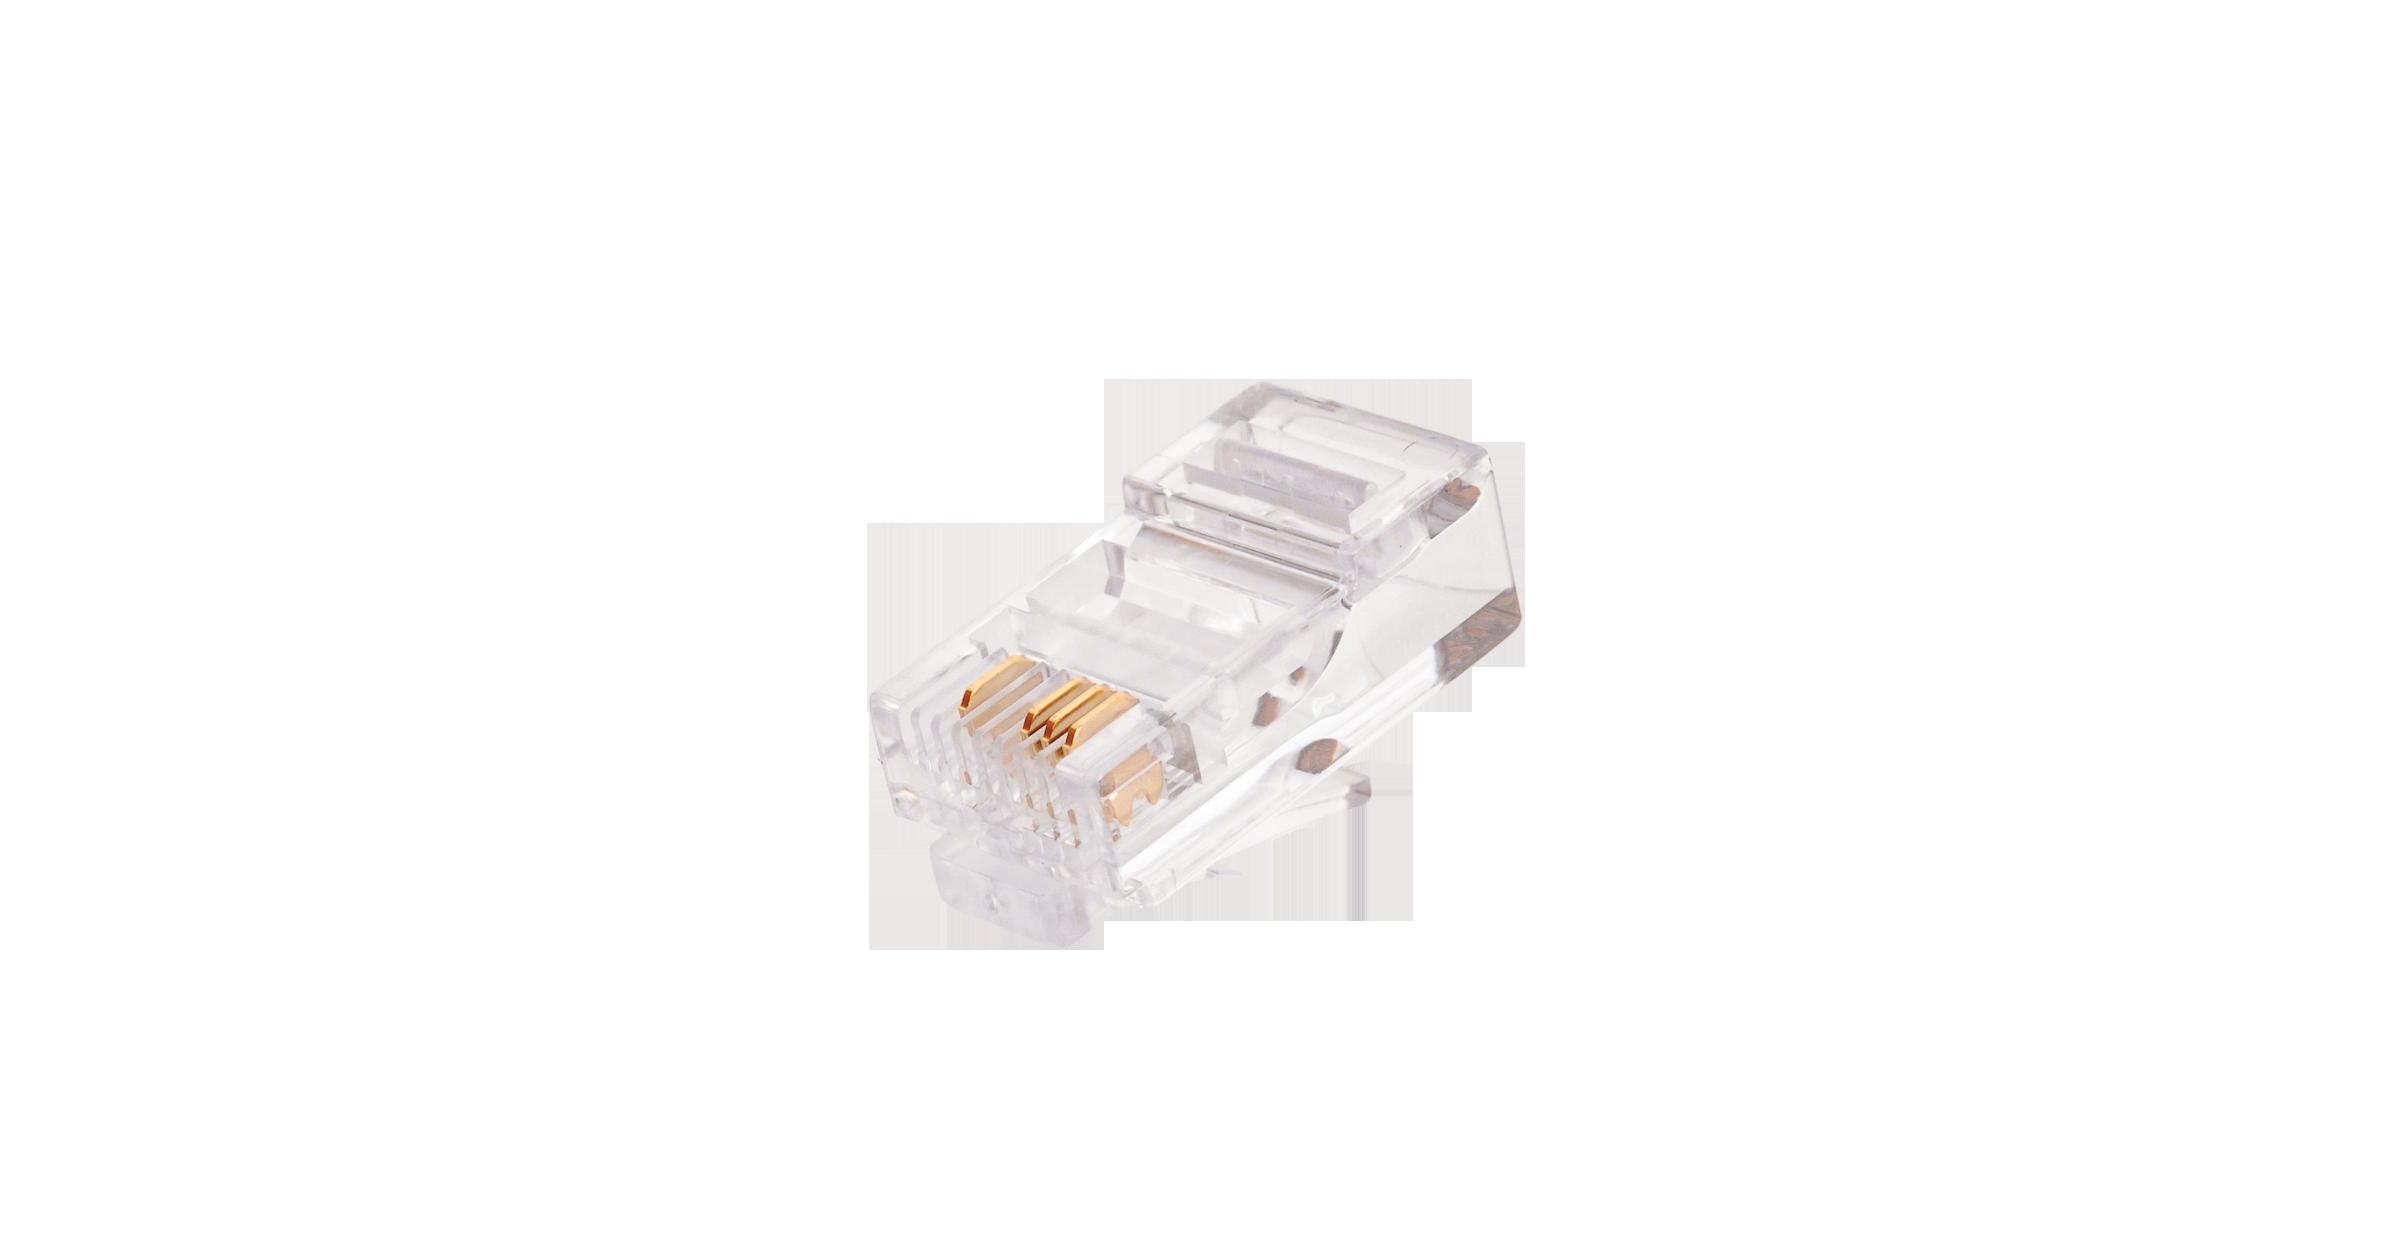 Коннектор NIKOMAX RJ45/8P4C под витую пару, Кат.5 (Класс D), 100МГц, покрытие 6мкд, под многожильный кабель, неэкранированный, Ethernet-разводка (контакты 1,2,3,6), уп-ка 100шт.